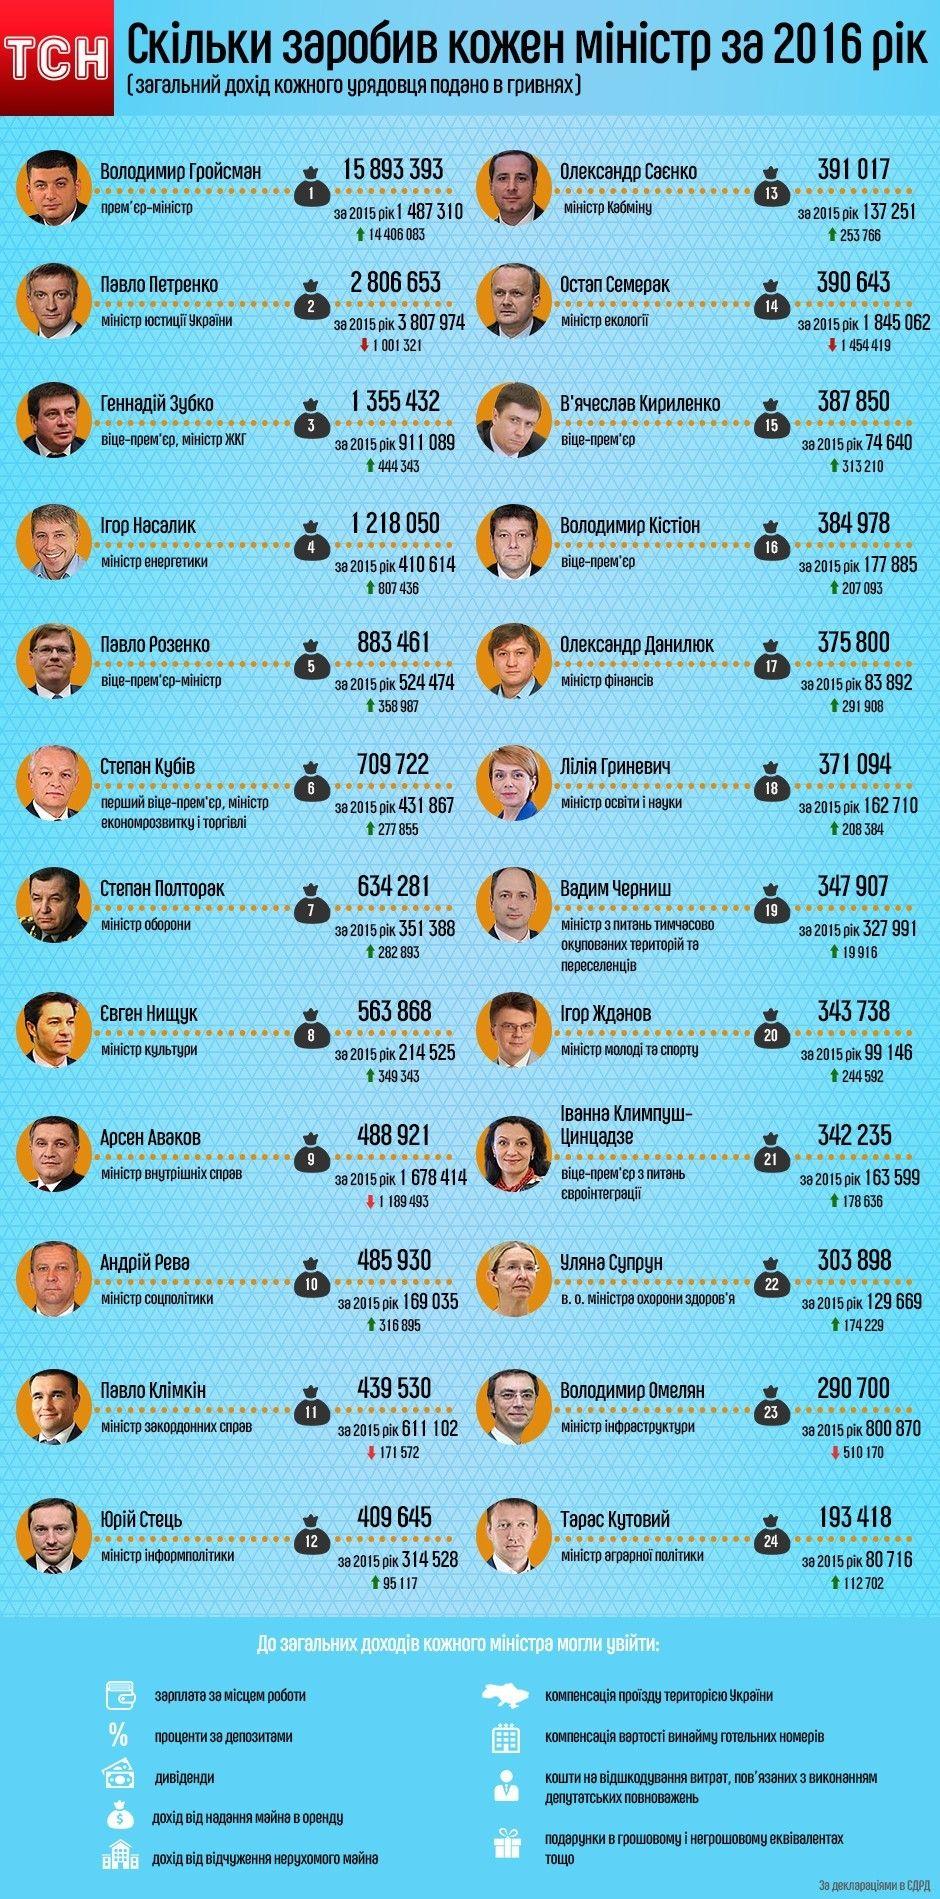 Інфографіка: дохід міністрів за 2016 (виправлена, остаточна)